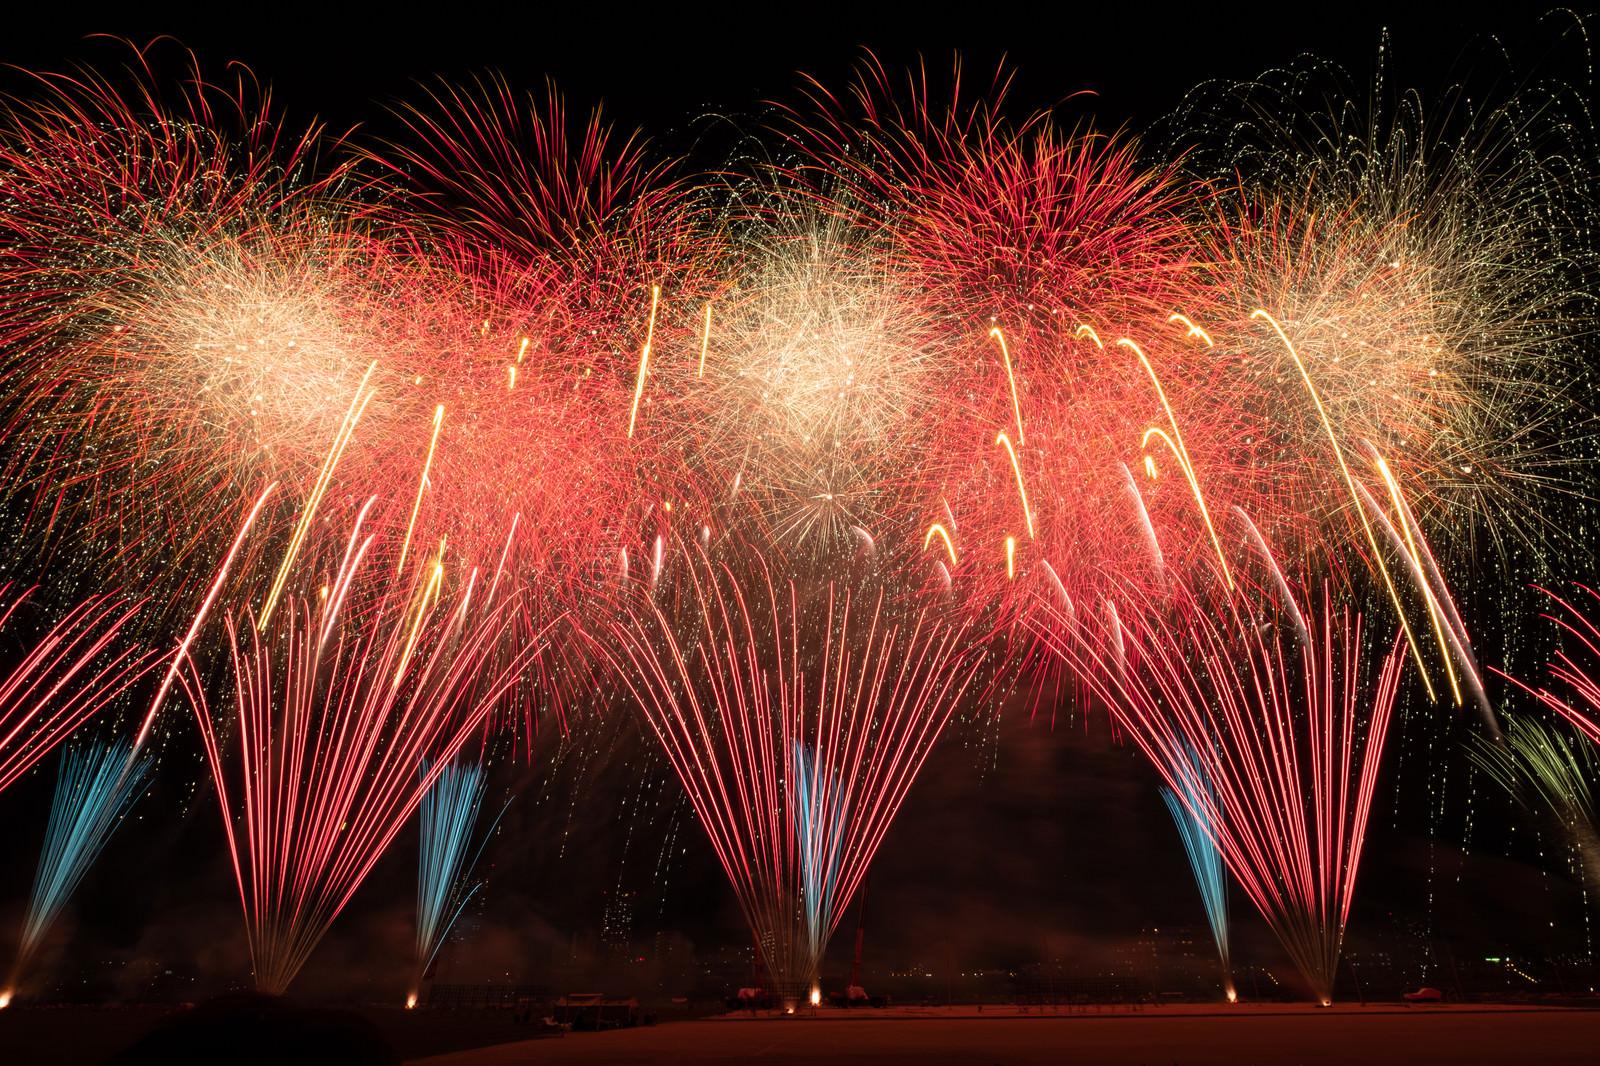 「江戸川区花火大会のスターマイン(連射連発花火) | 写真の無料素材・フリー素材 - ぱくたそ」の写真